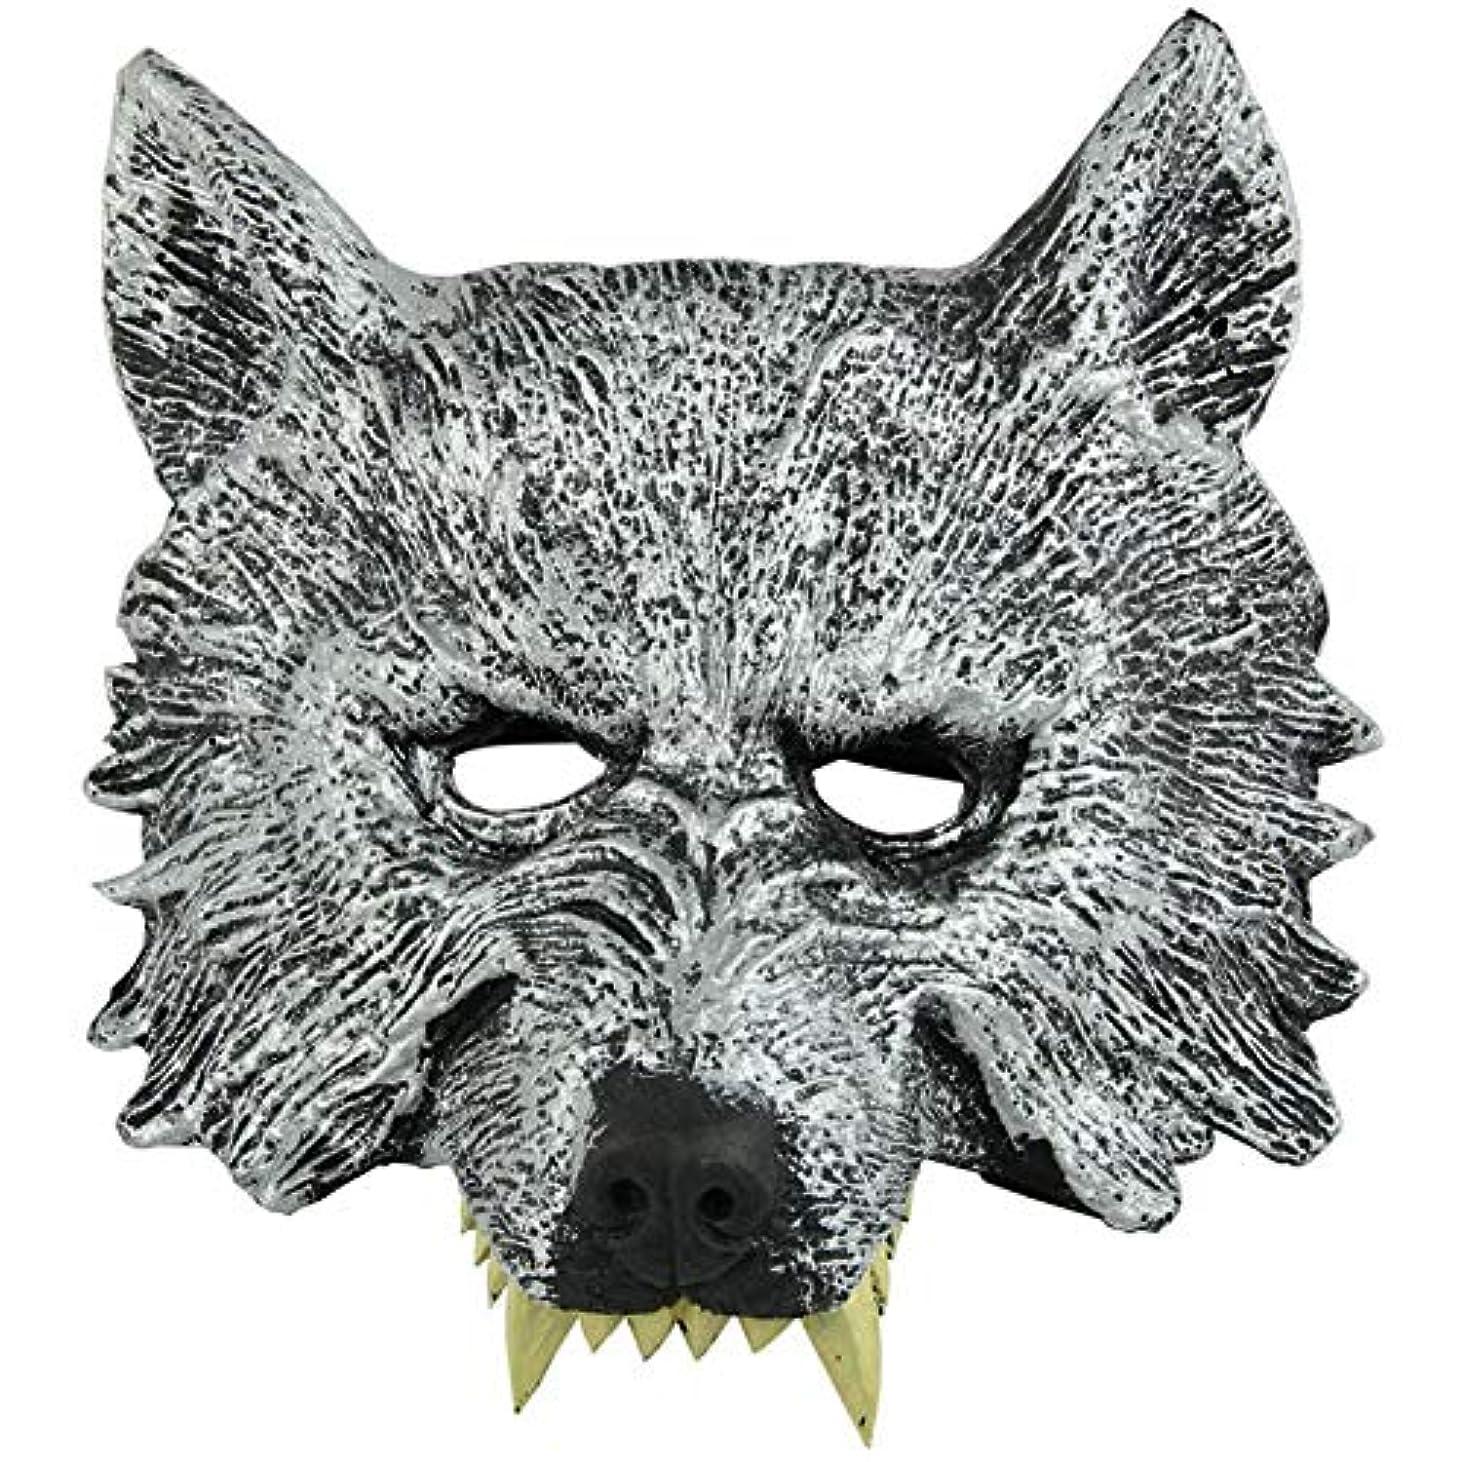 鮮やかな真似る書き込みオオカミヘッドマスク全身小道具ホリデー用品仮面舞踏会マスクハロウィンマスク